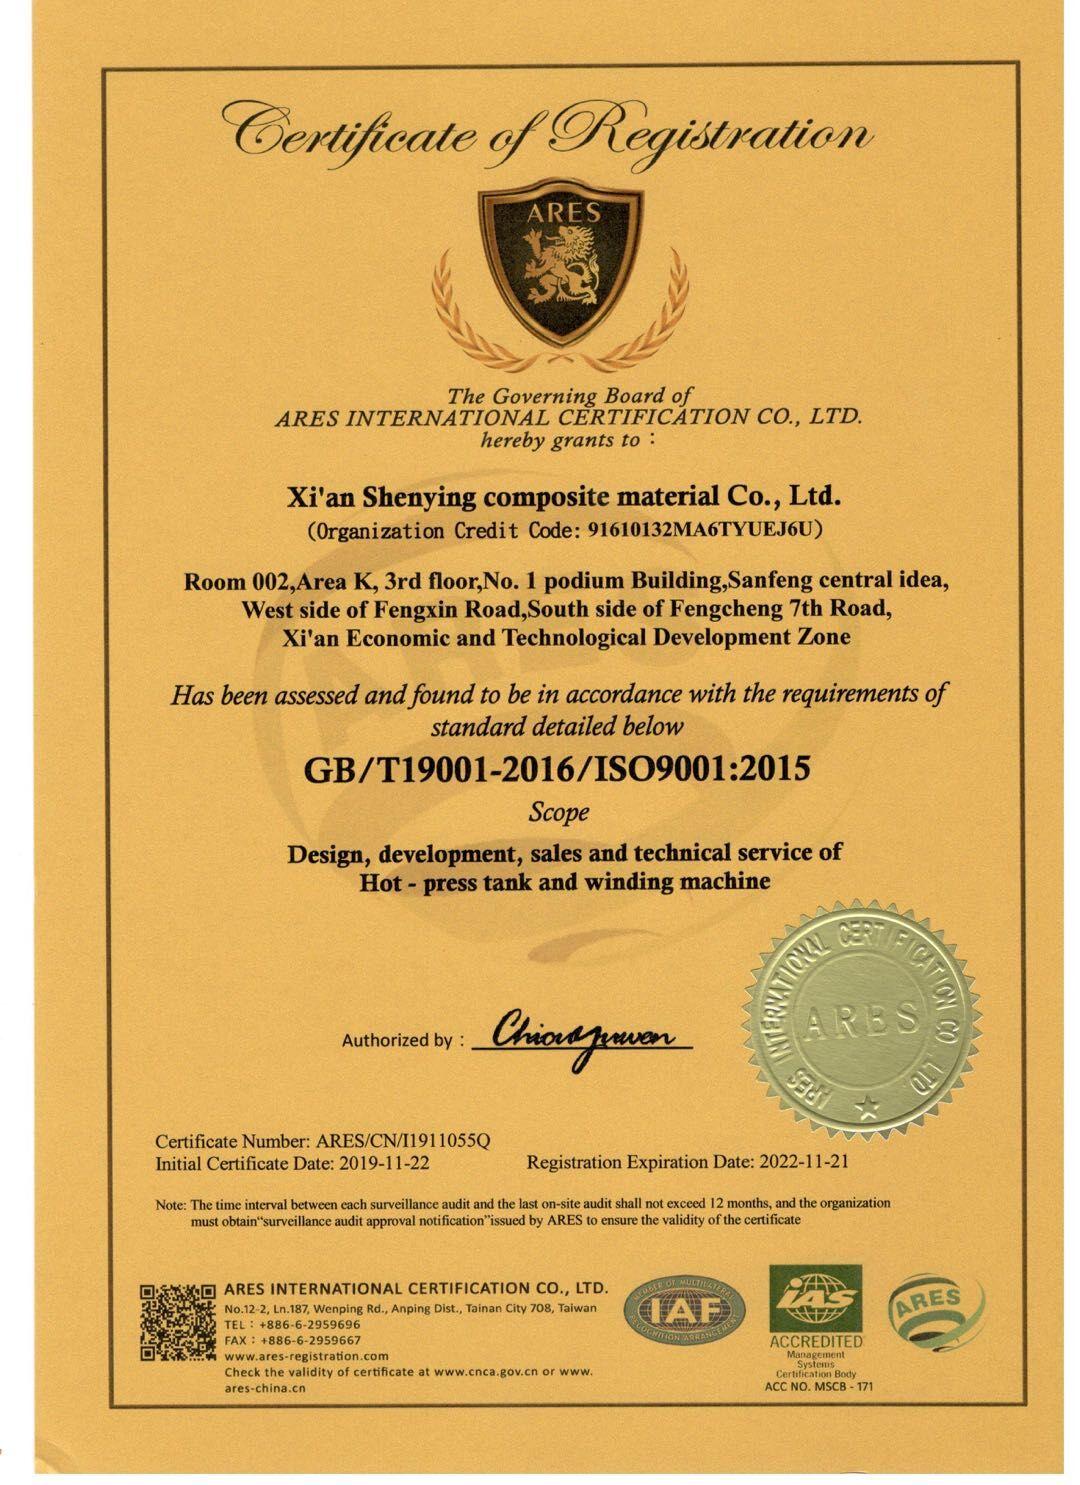 西安神鹰-质量管理体系证书